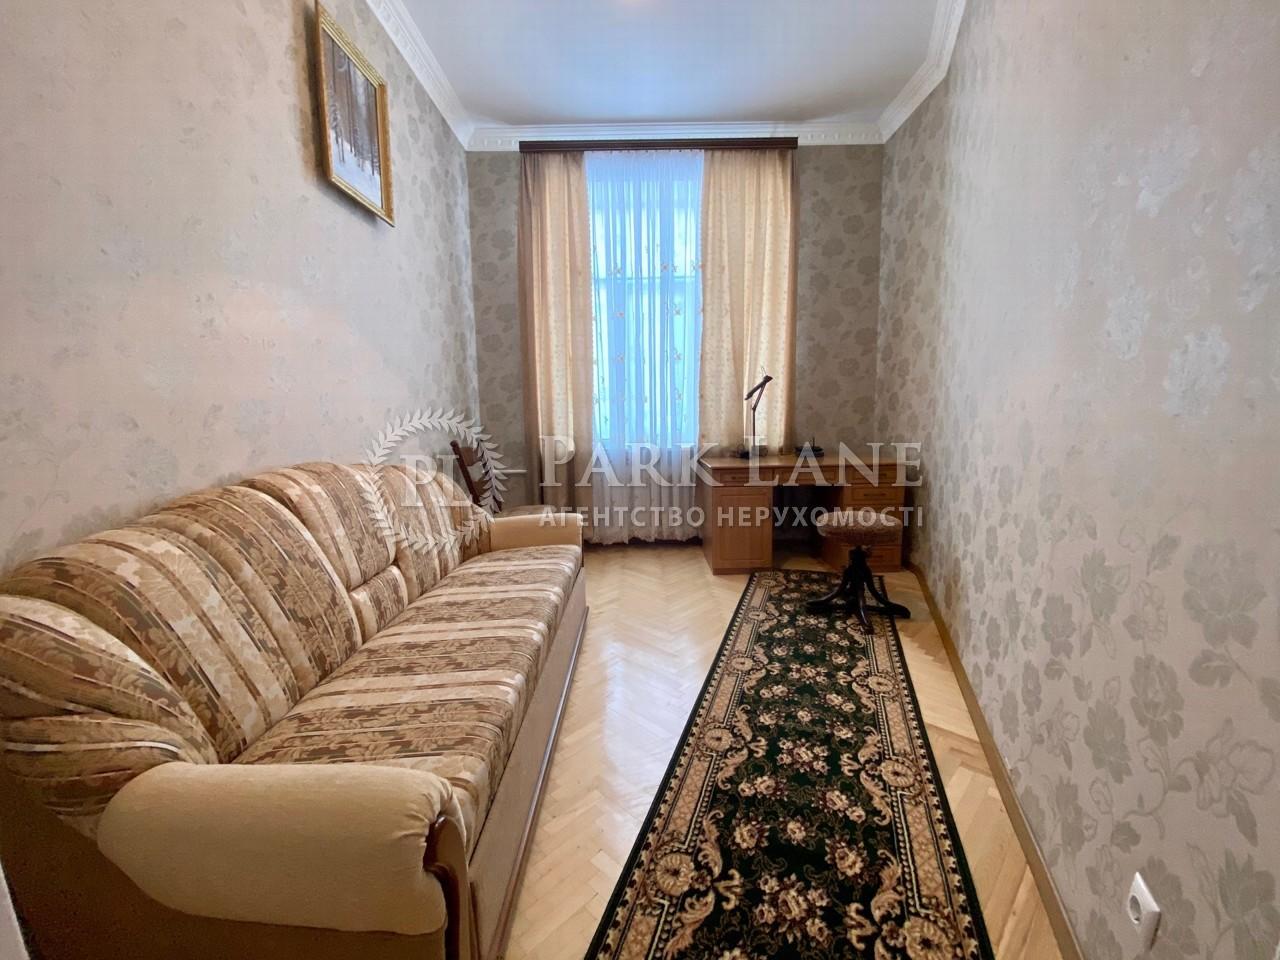 Квартира ул. Круглоуниверситетская, 18/2, Киев, R-35175 - Фото 6